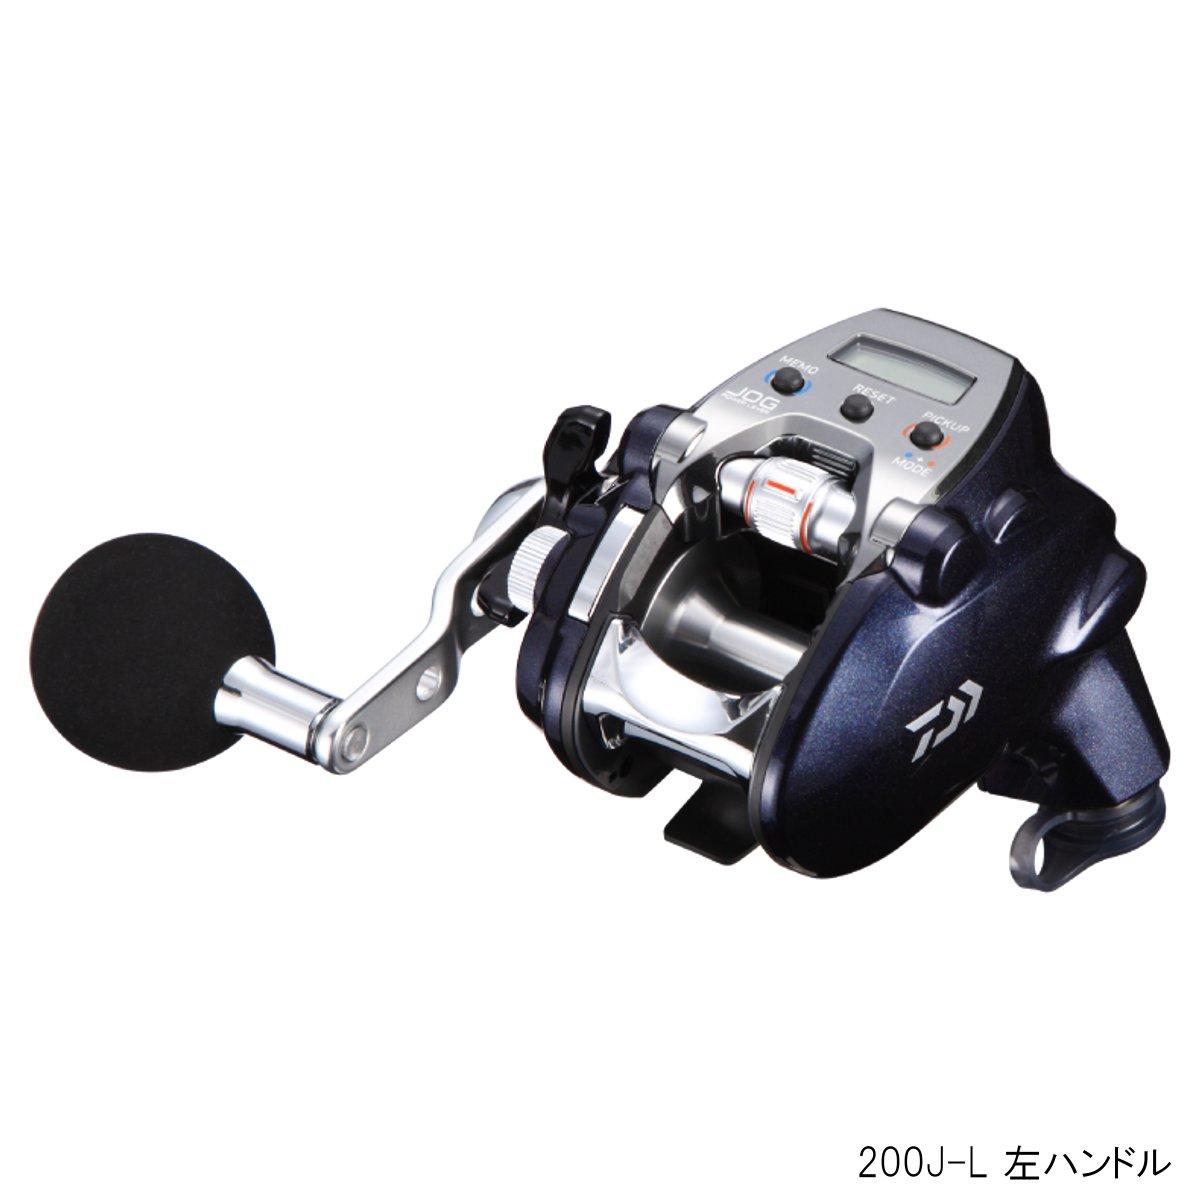 ダイワ レオブリッツ 200J-L 左ハンドル